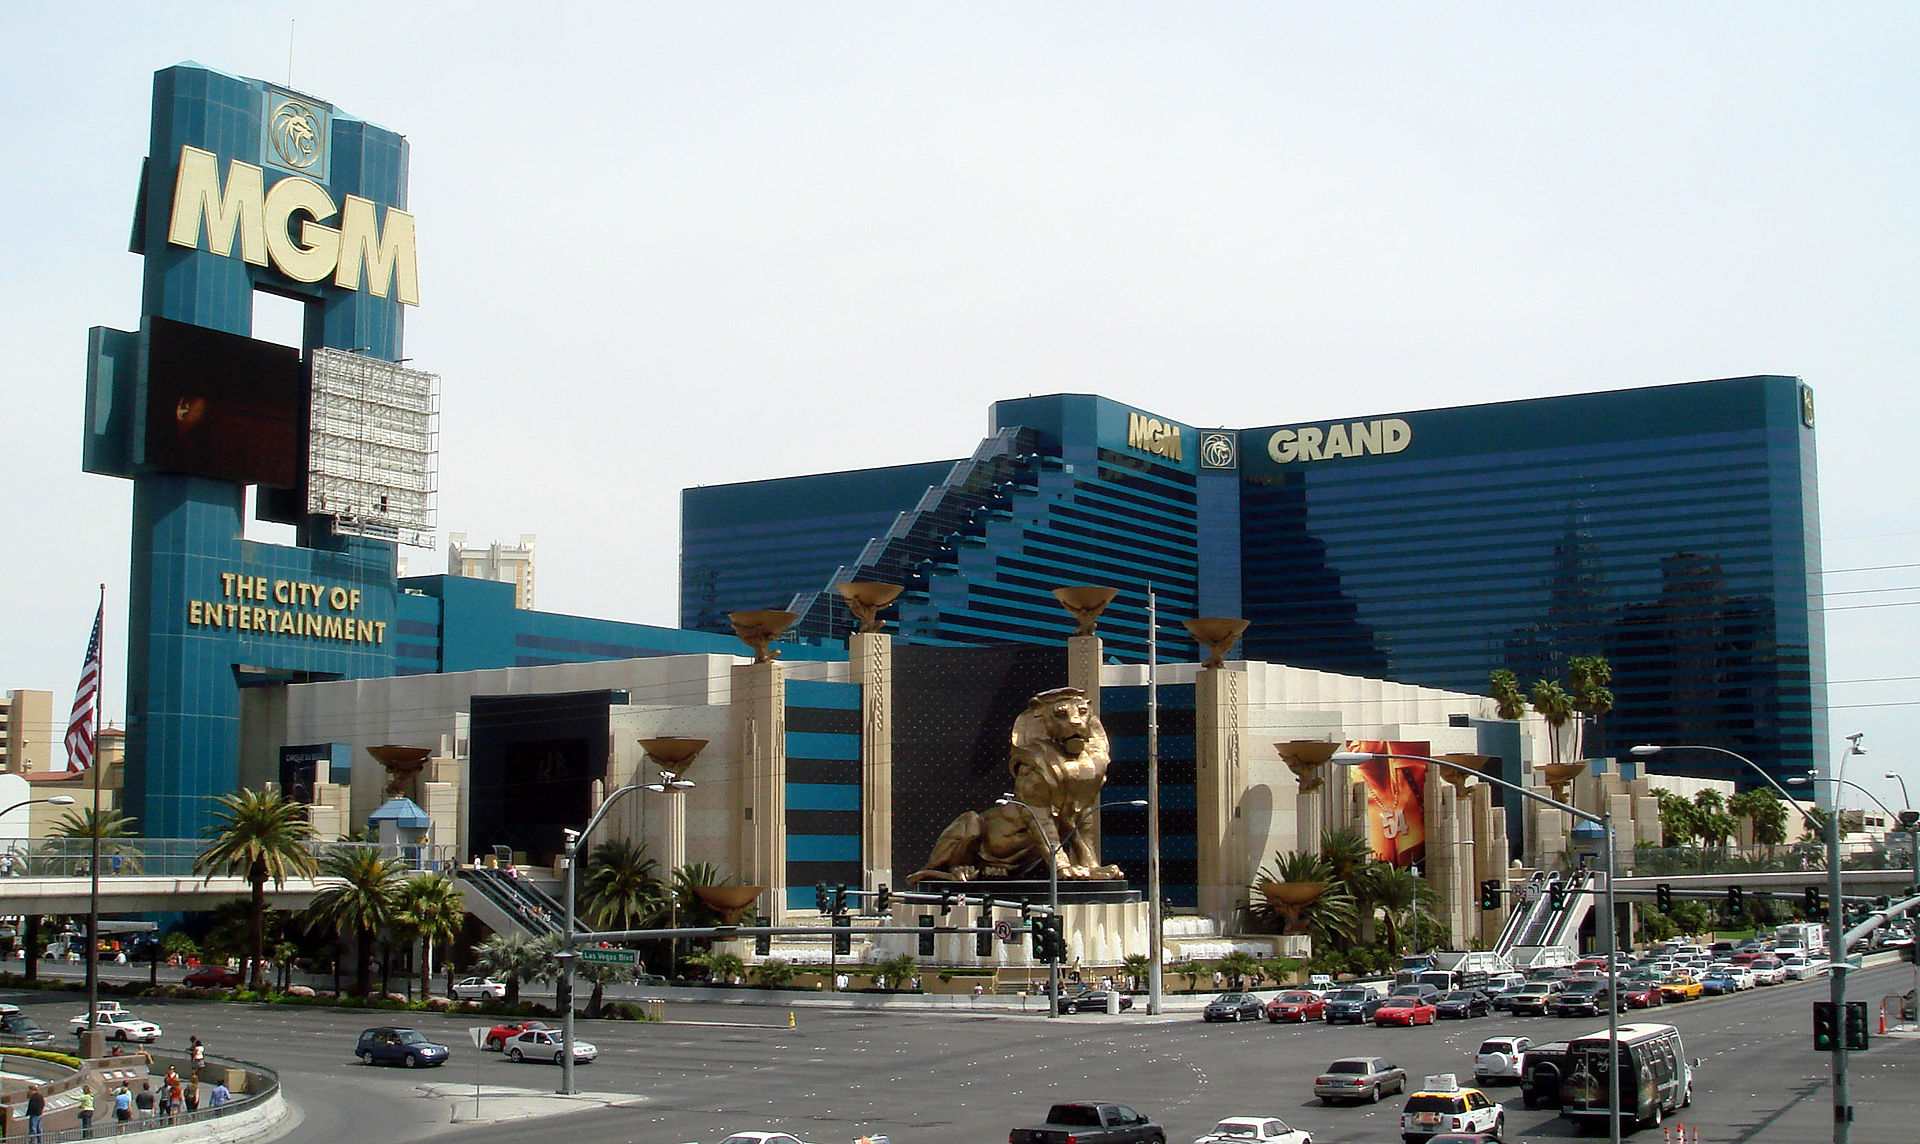 CASINO MGM LAS VEGAS